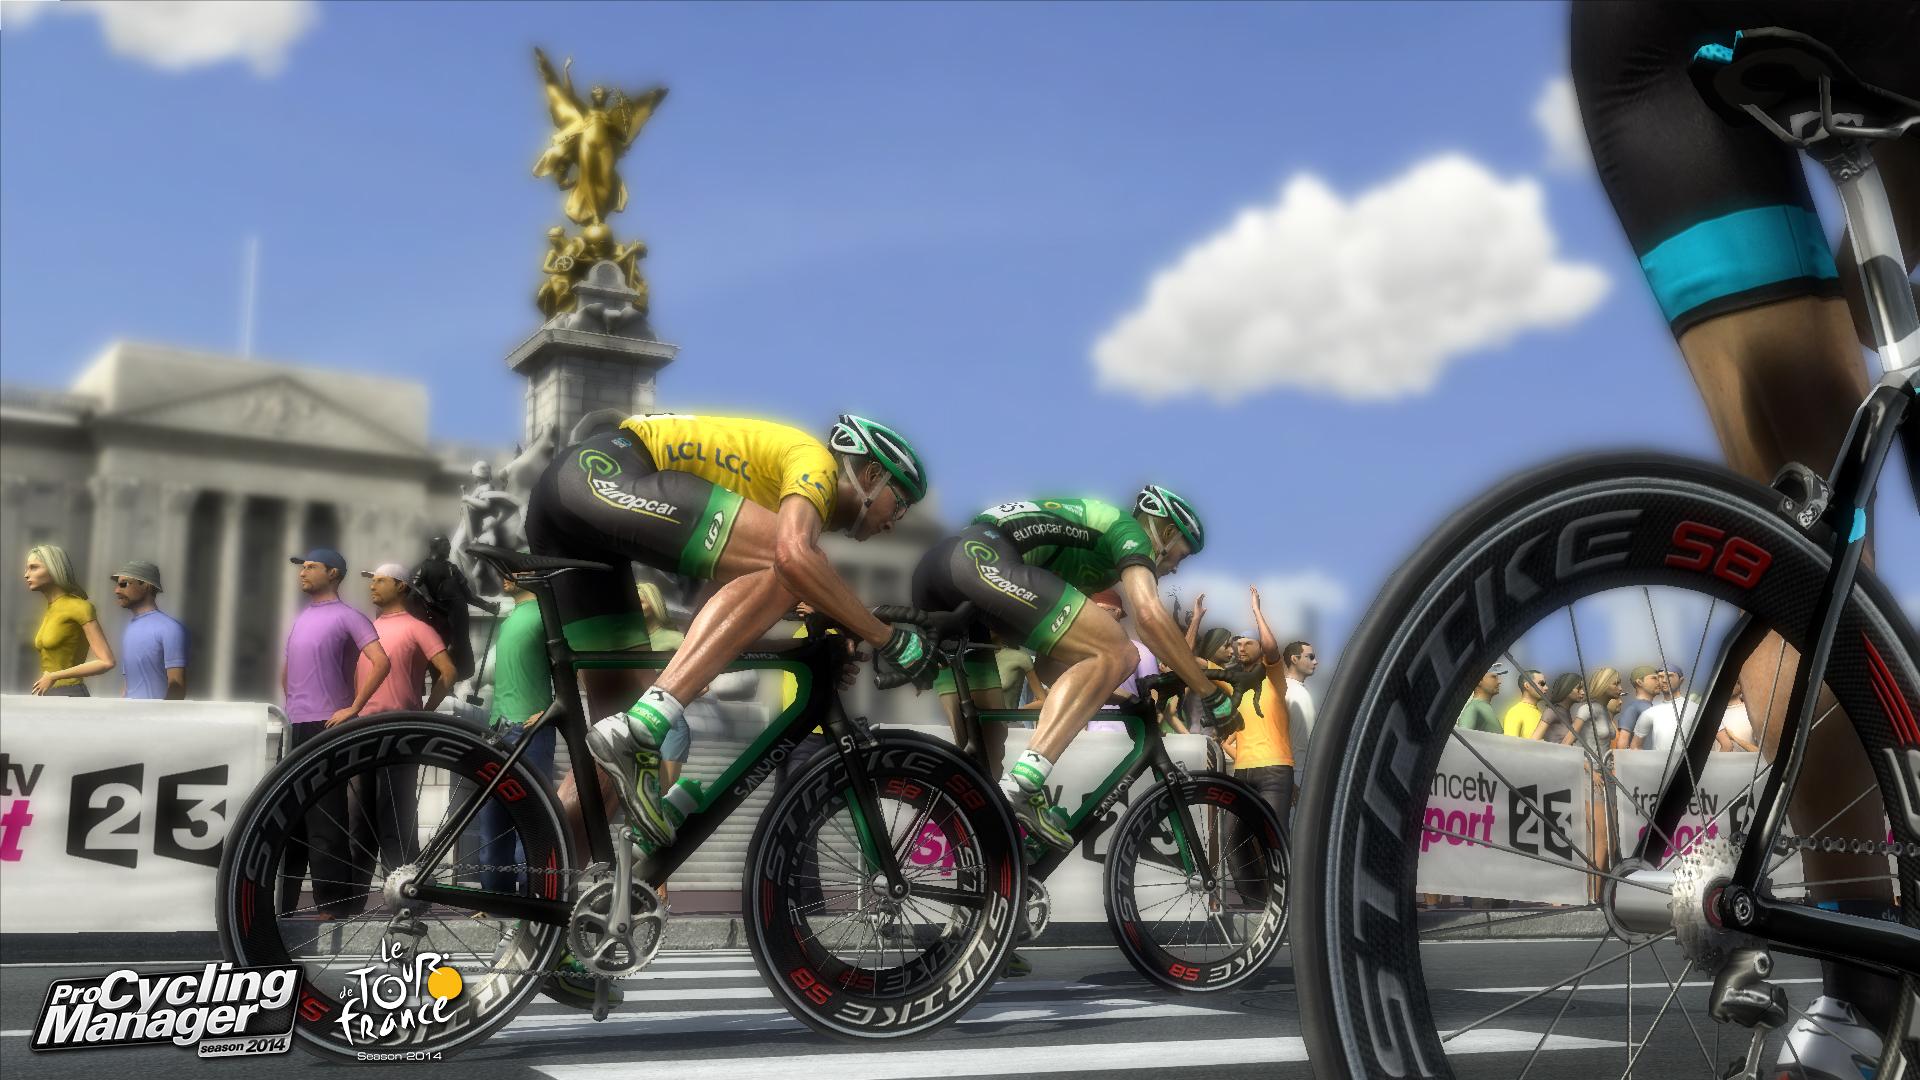 Radsport-manager, Tour de France